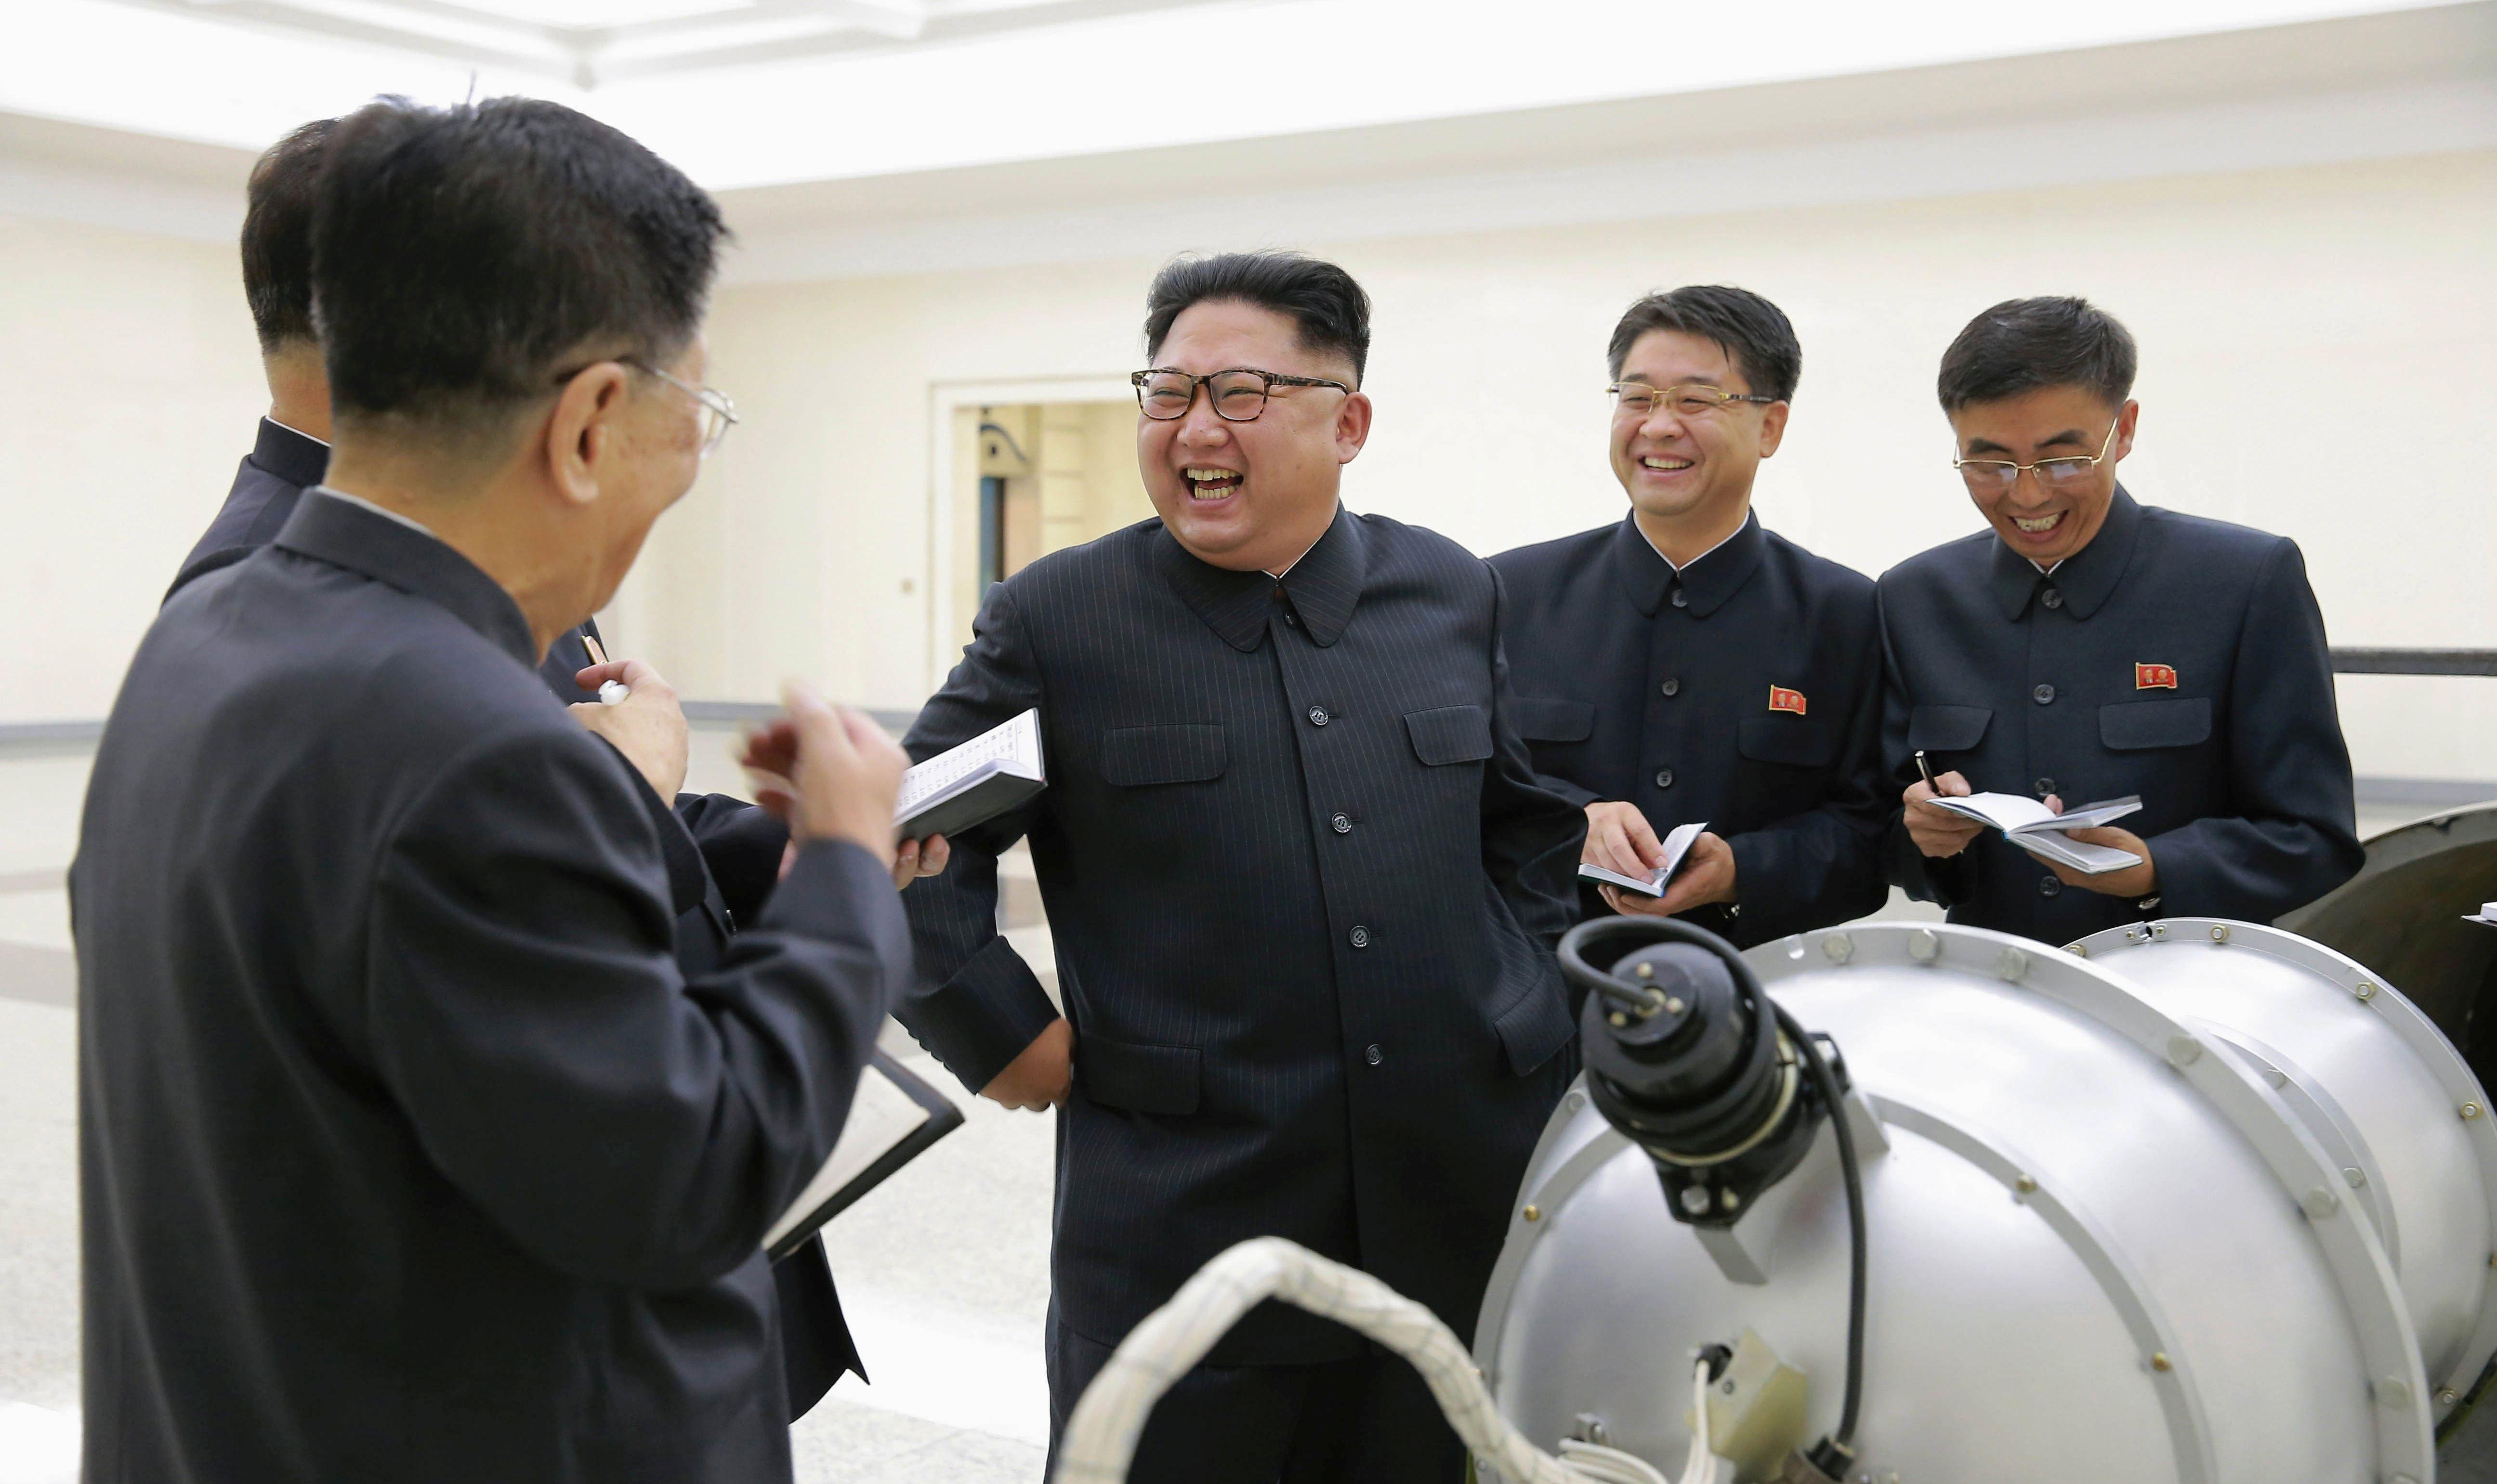 Kina se slaže da su potrebne dodatne UN-ove sankcije Pjongjangu